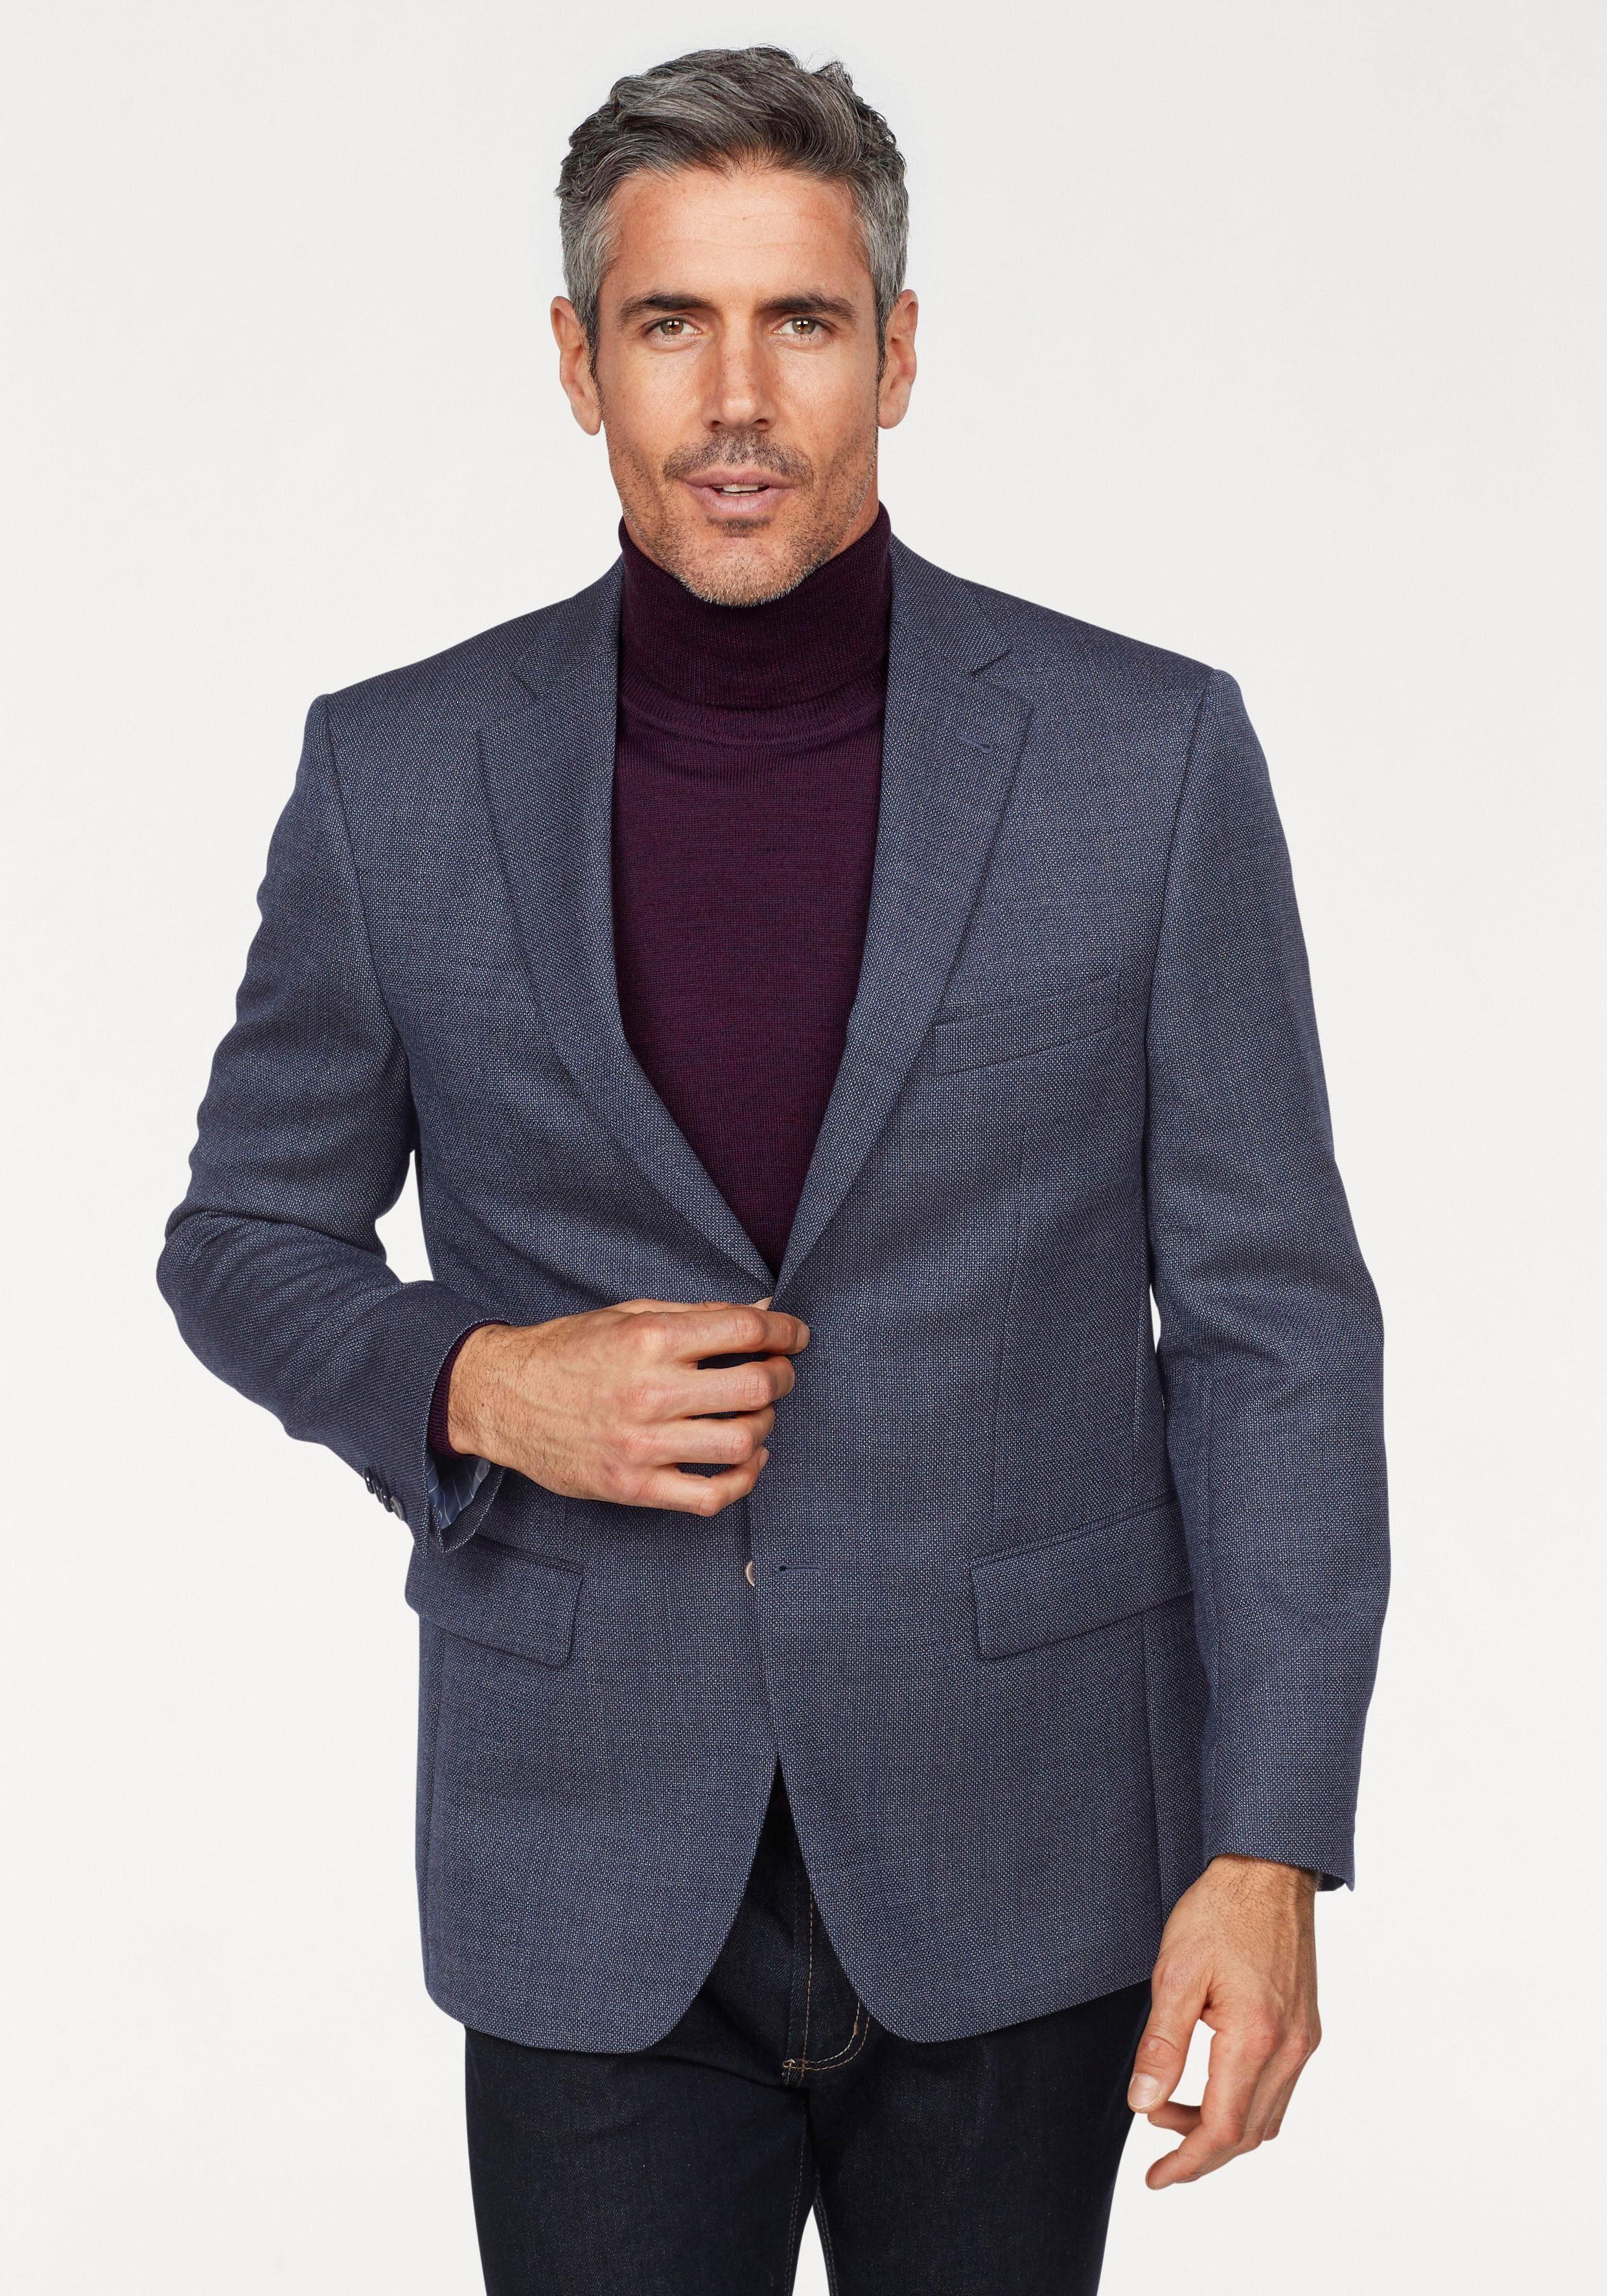 Chino mit hemd und sakko. JeansChinoSakko. 2019 11 26